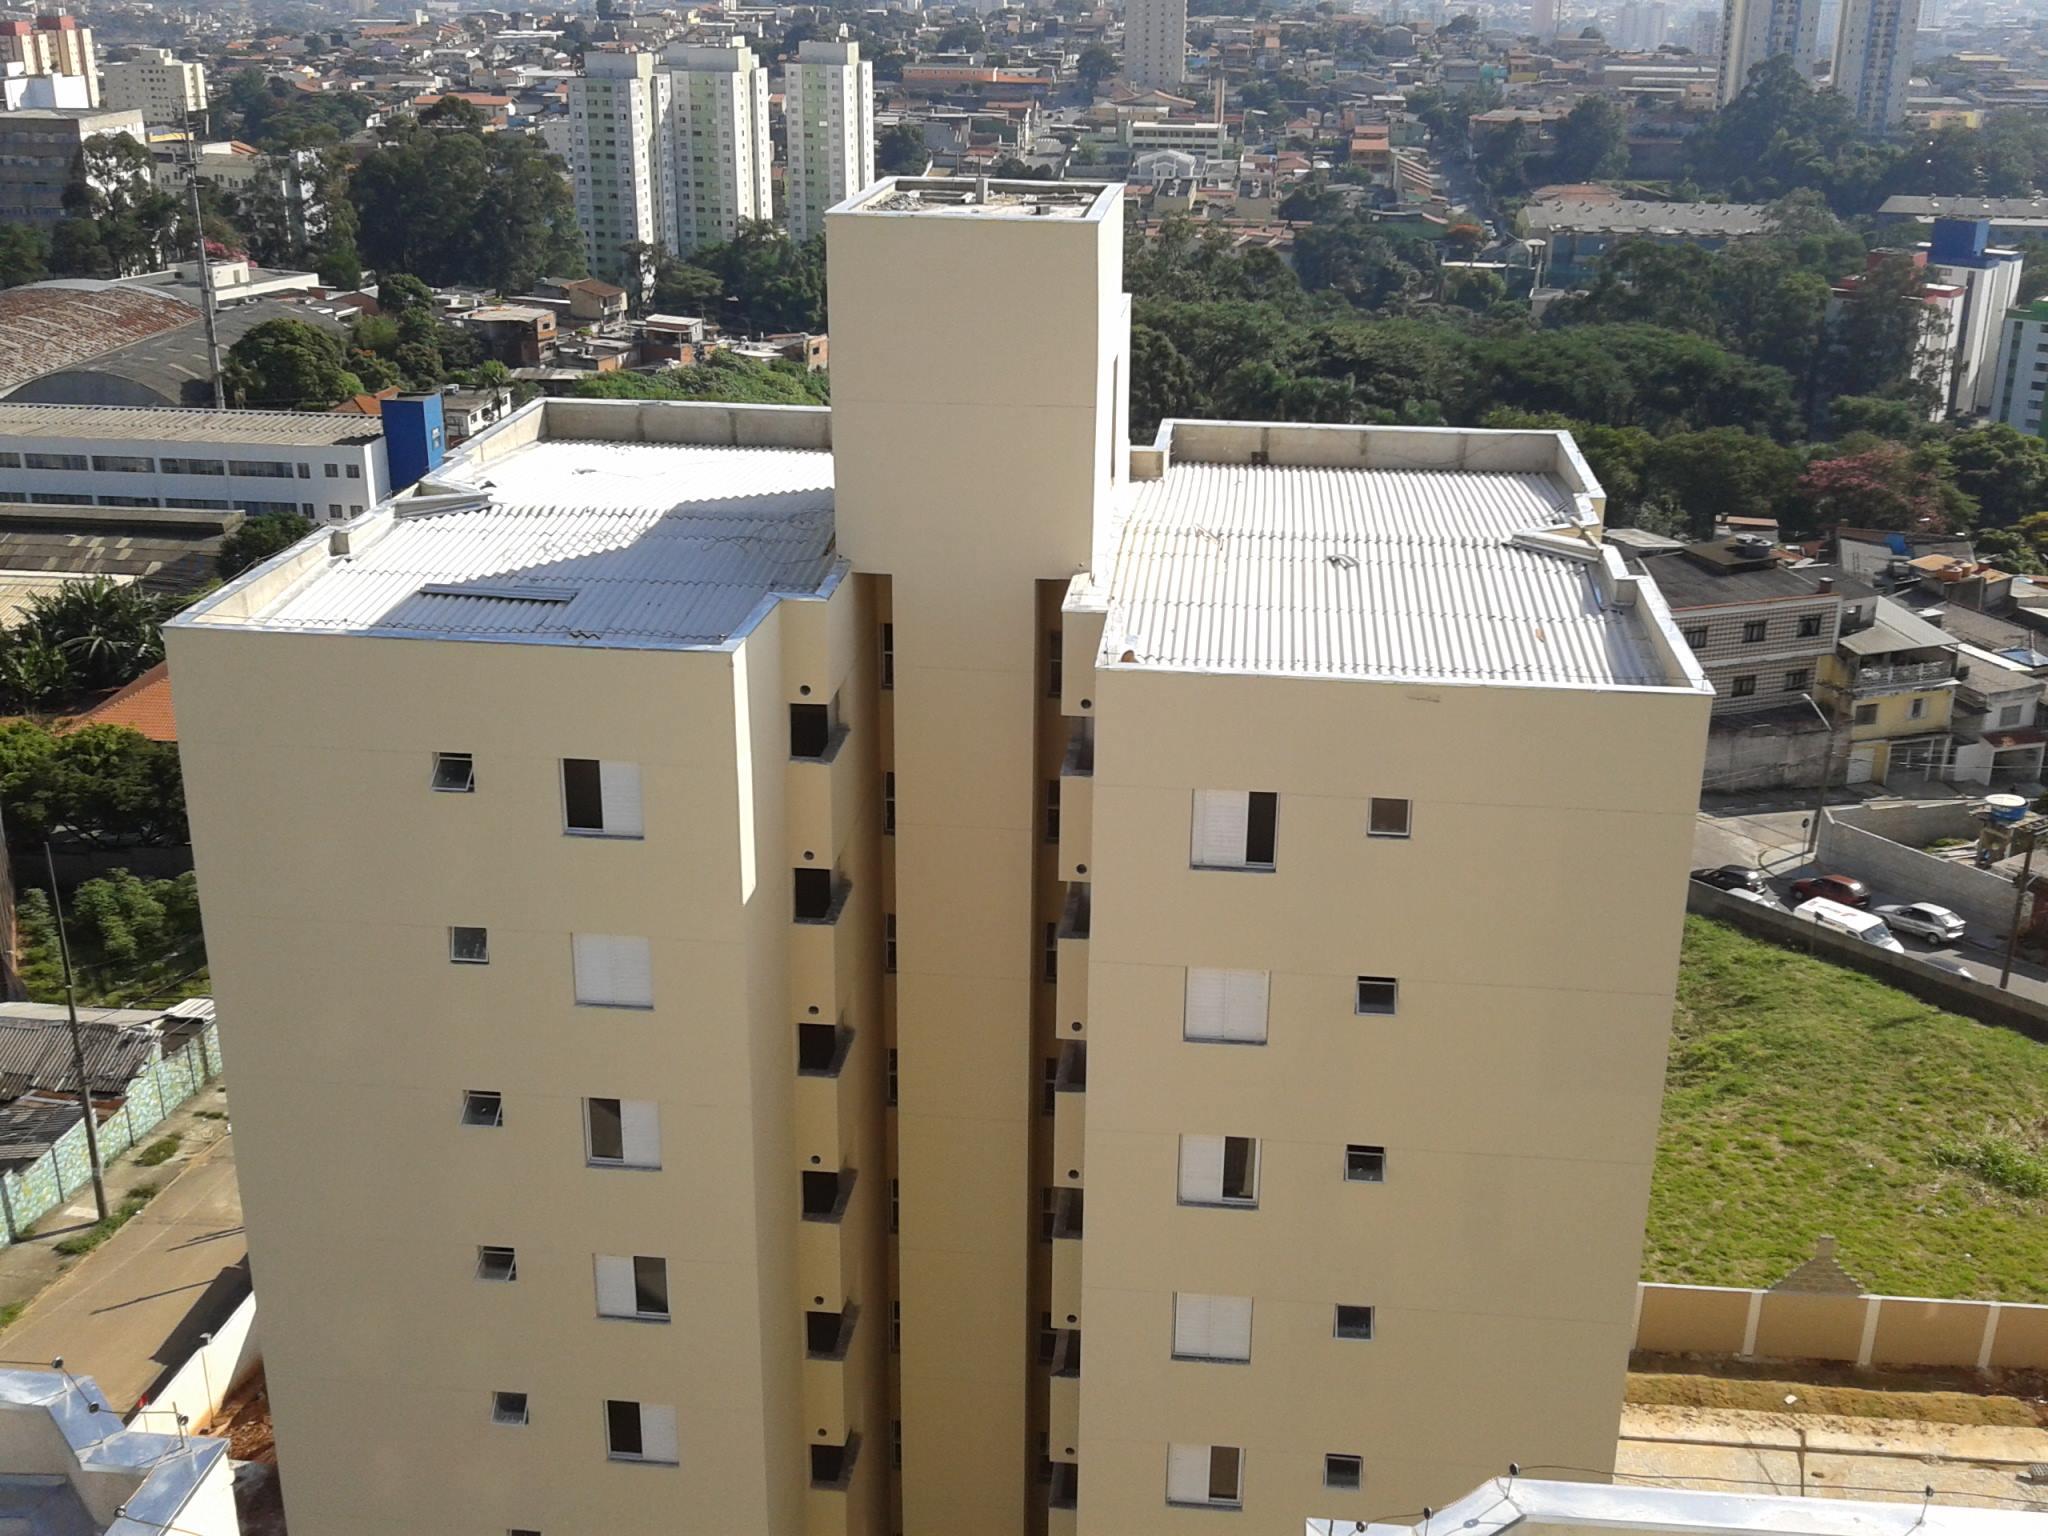 Residencial Parque do Carmo - São Paulo - SP